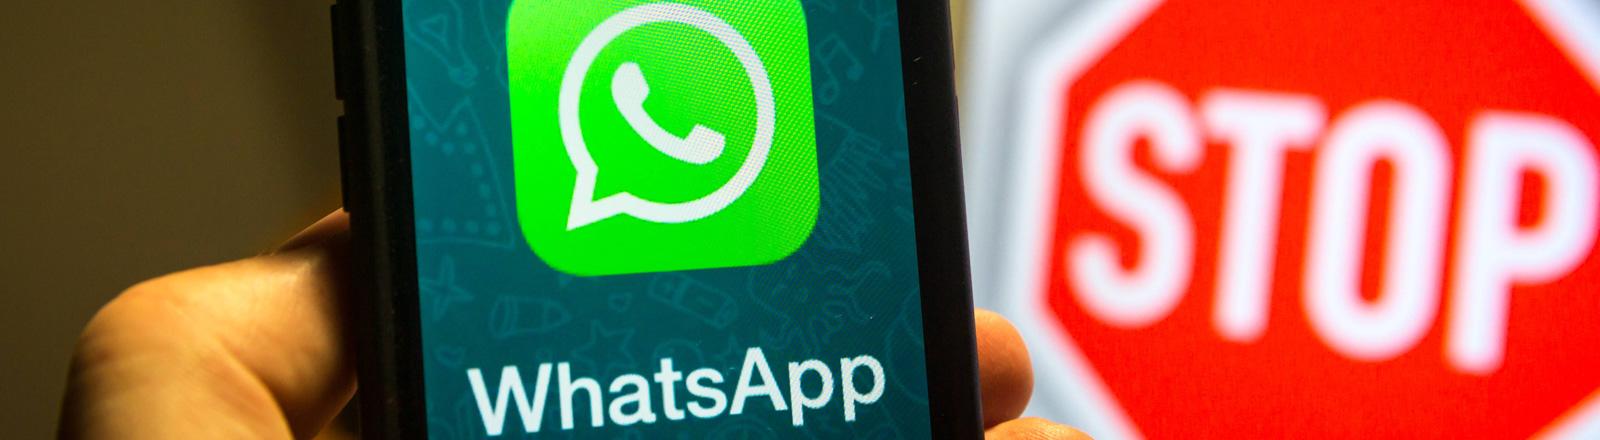 Whatsapp-Symbol und Stopp-Zeichen